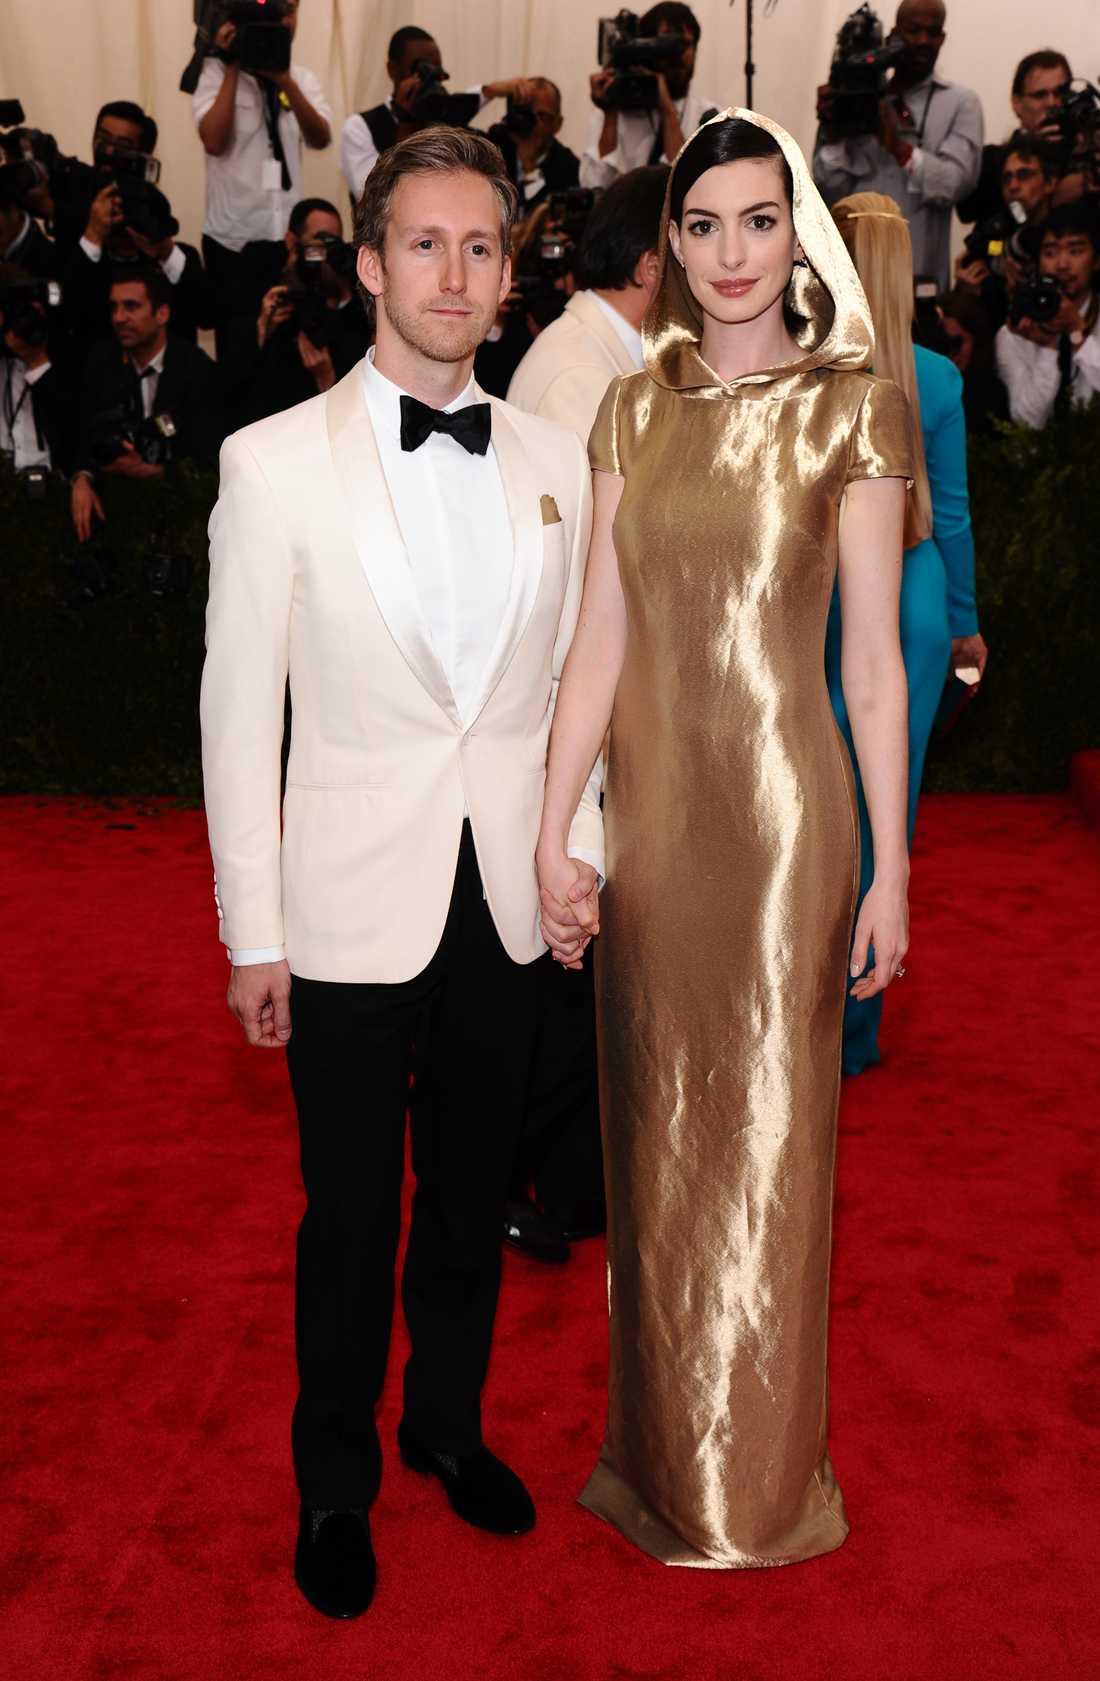 Adam Shulman och Anne Hathaway på årets MET-gala i New York.